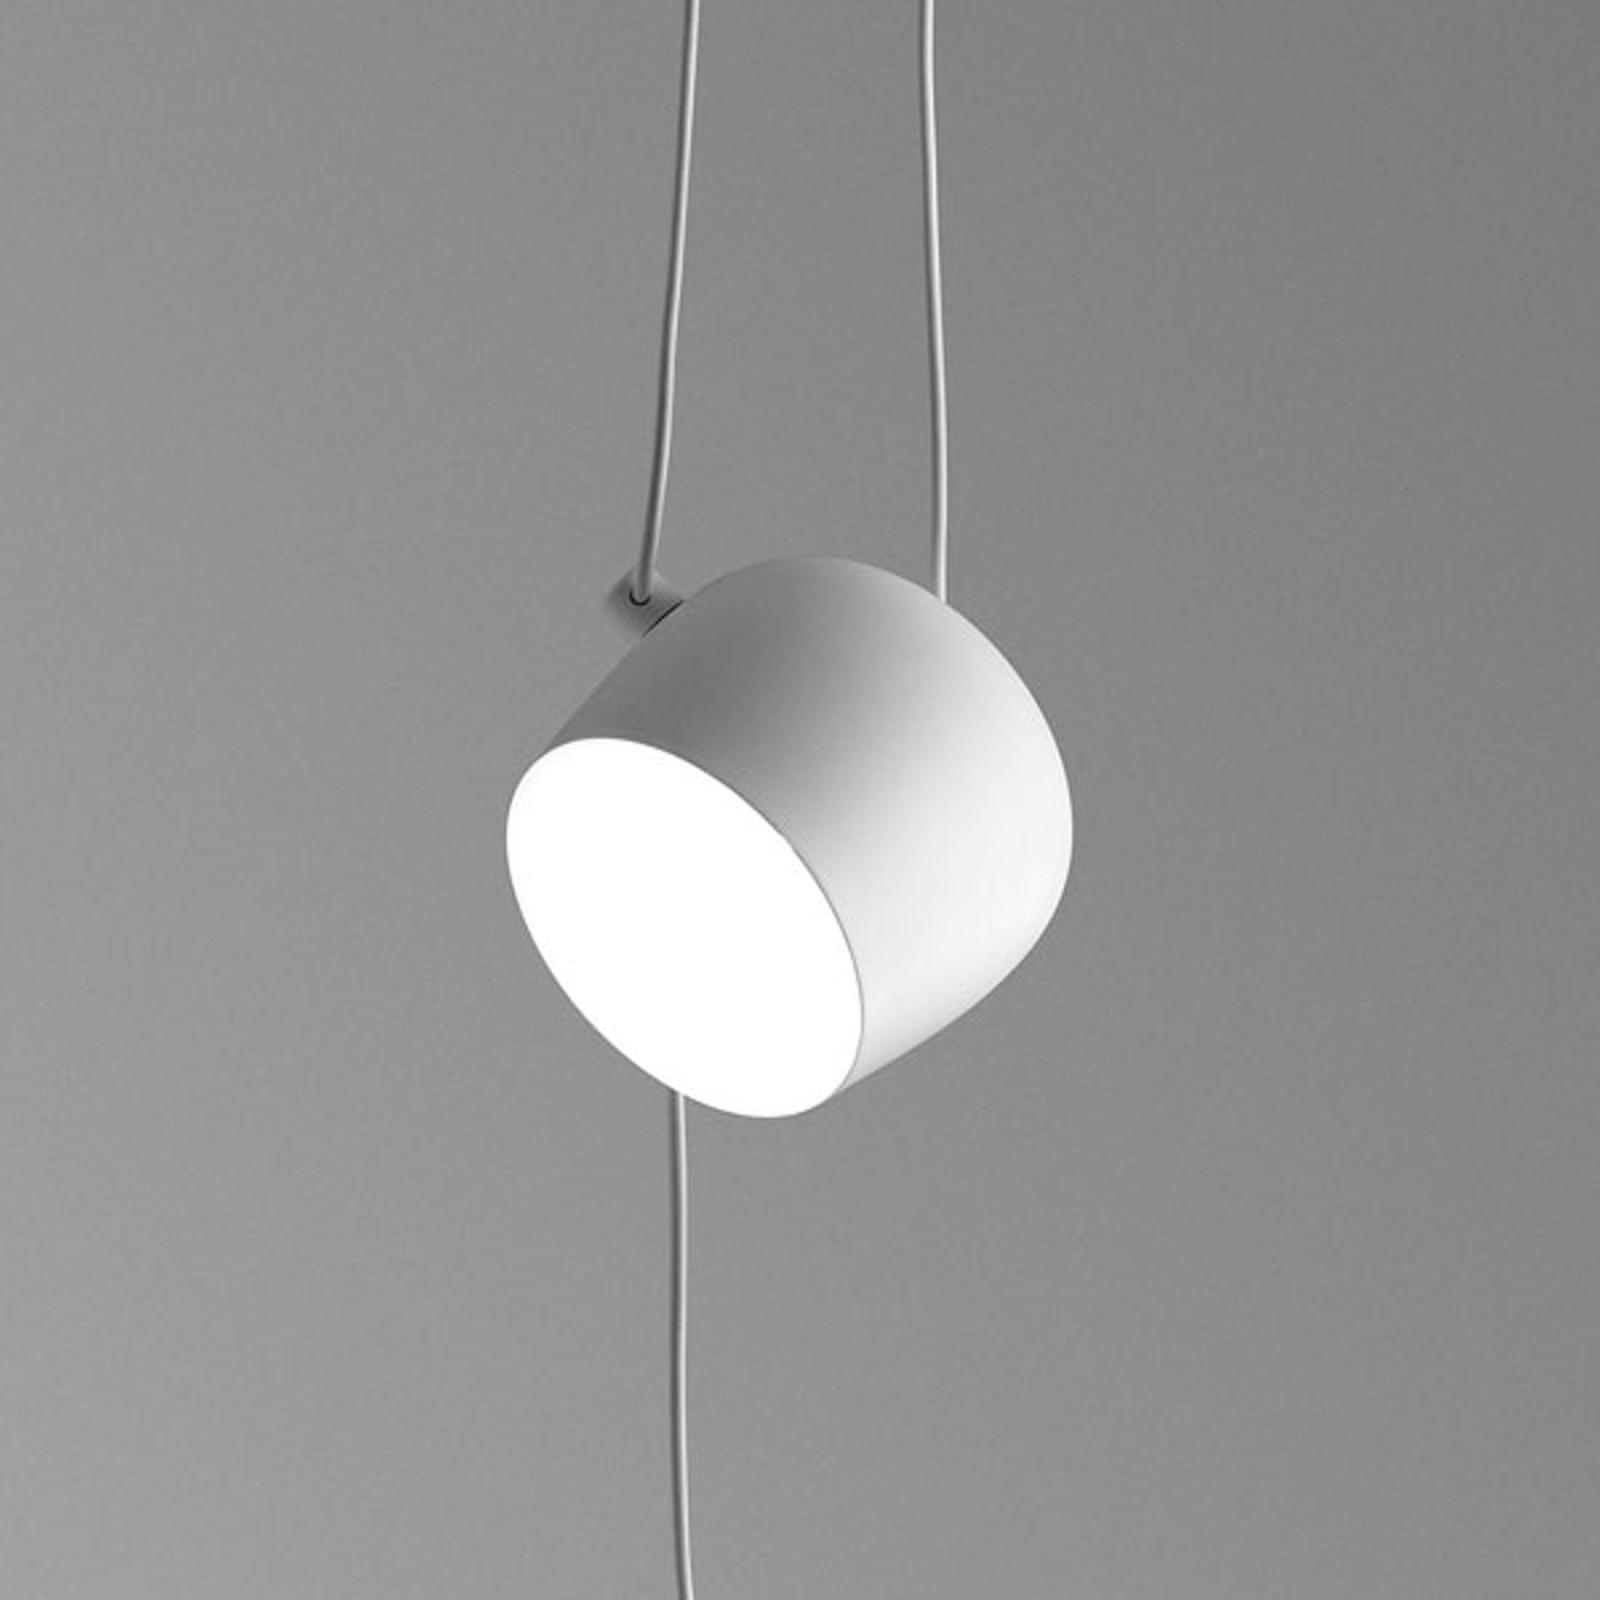 FLOS Aim Small hængelampe med stik, hvid